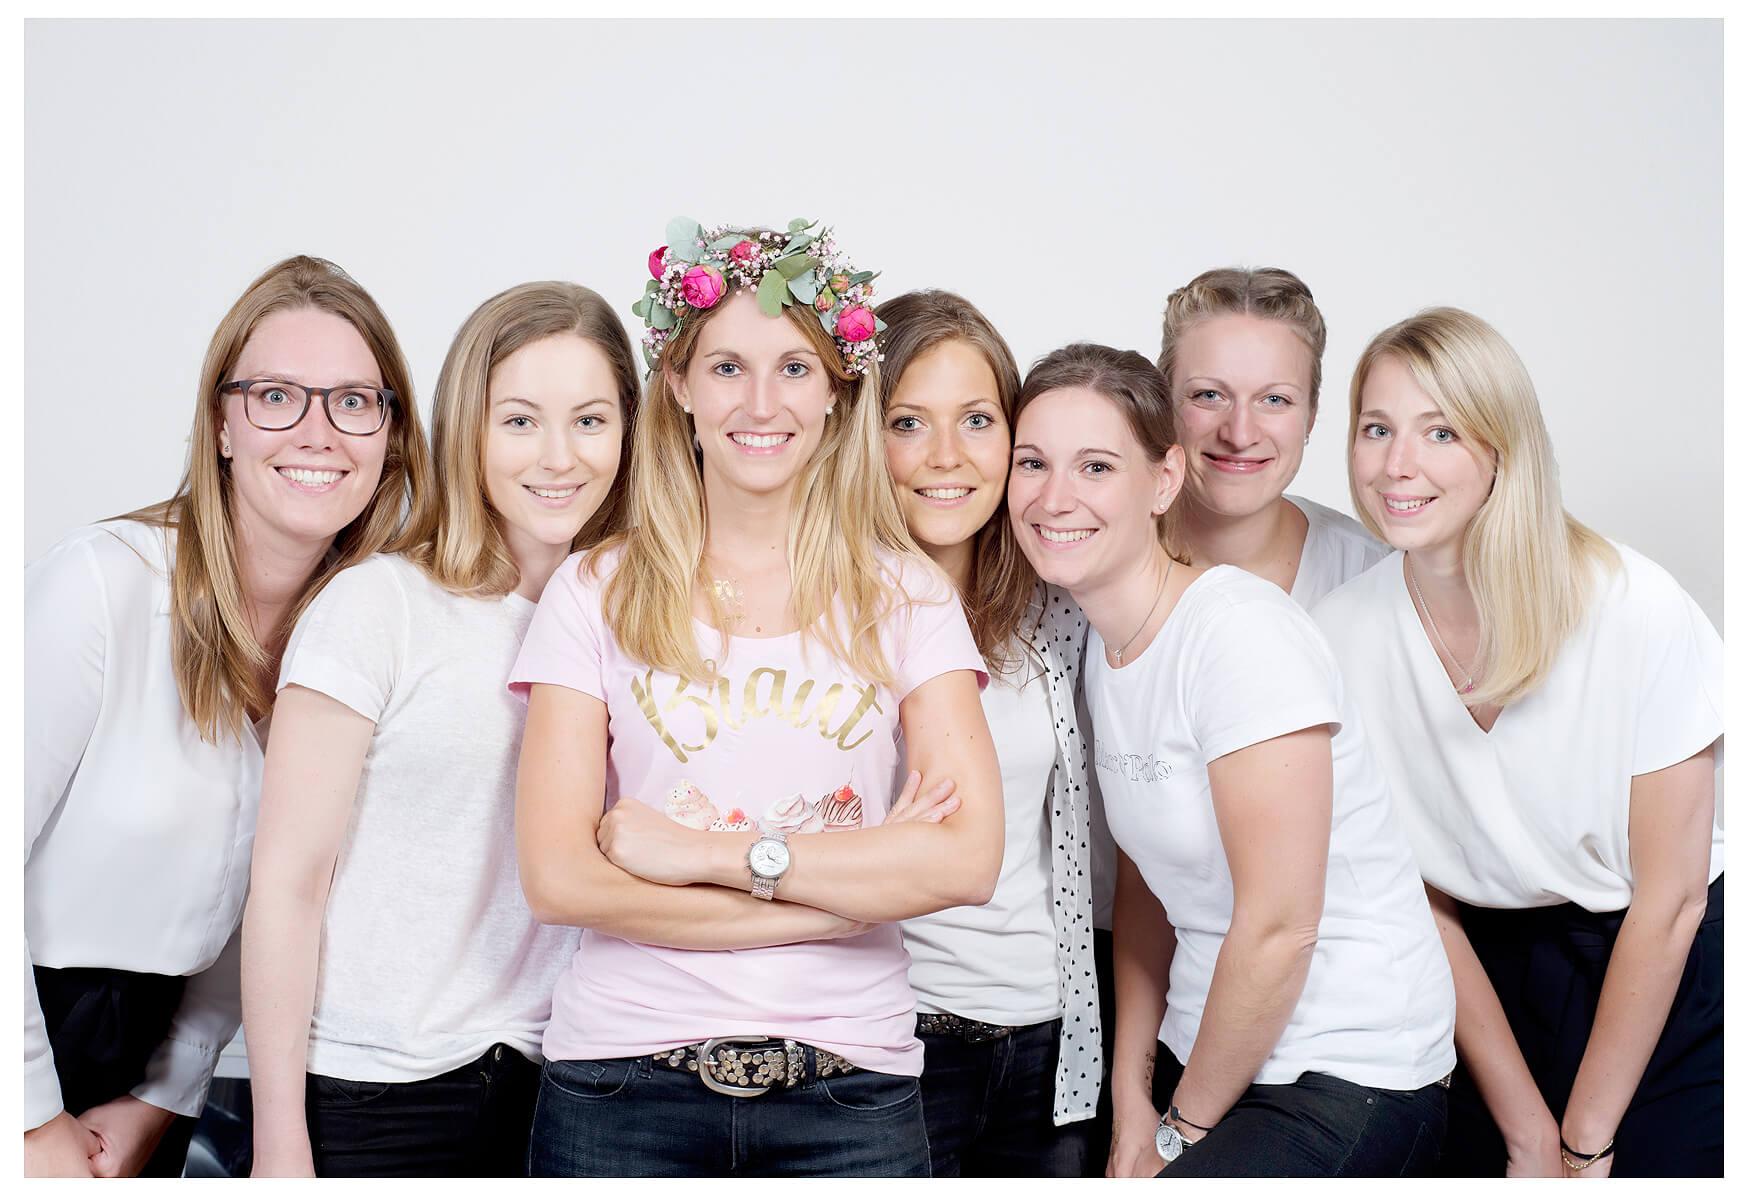 JGA Fotoshooting gruppenfoto, Braut mit einem Blumenkranz